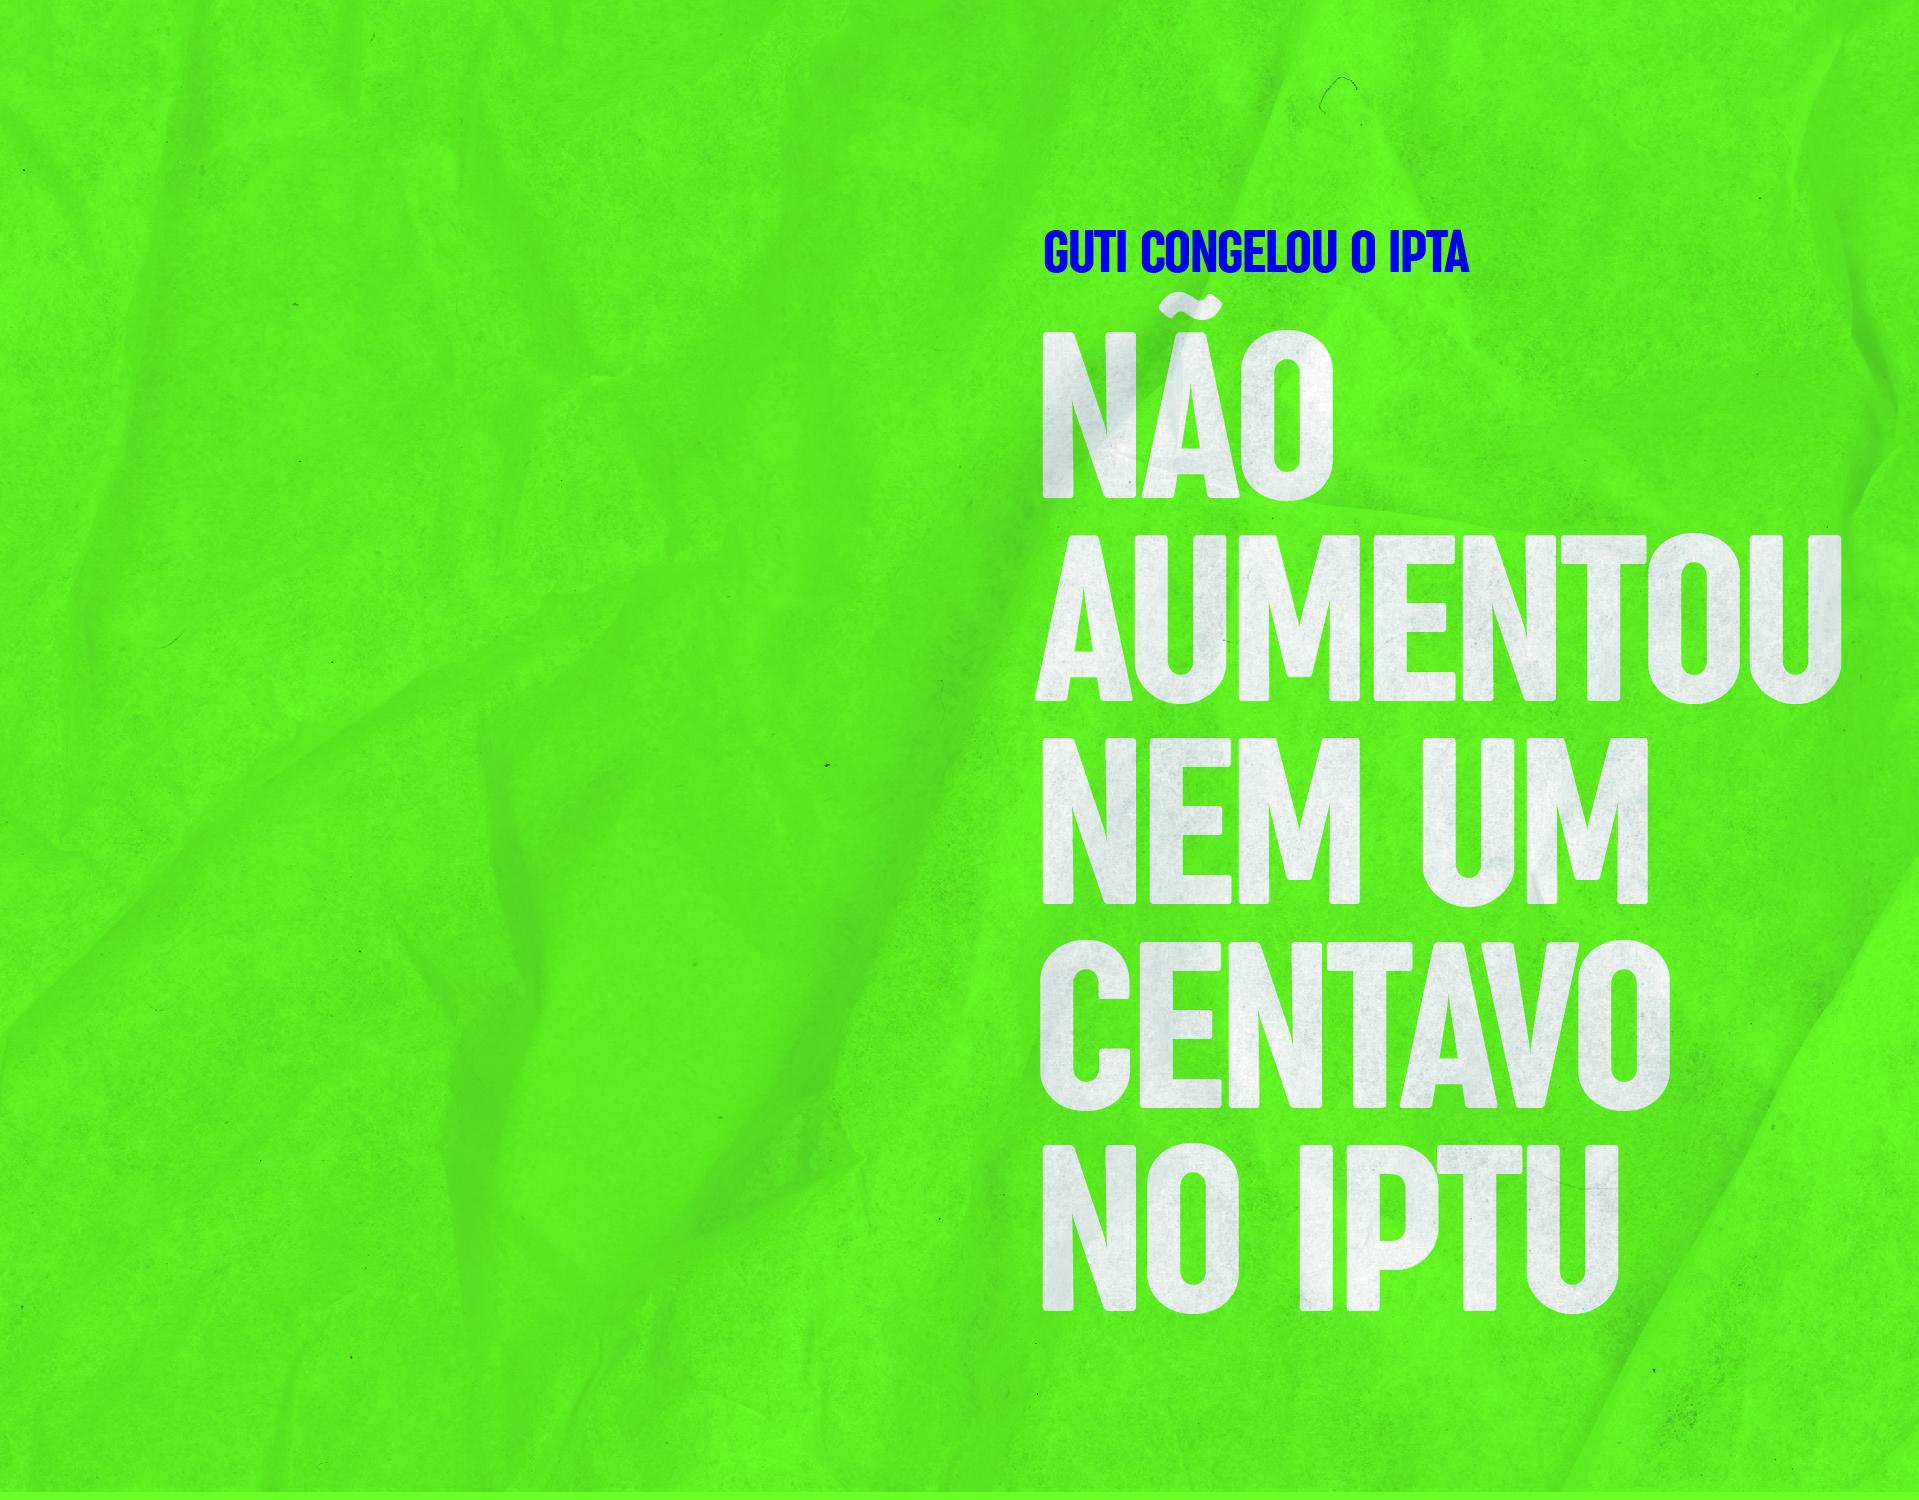 Não aumentou nem um centavo no IPTU